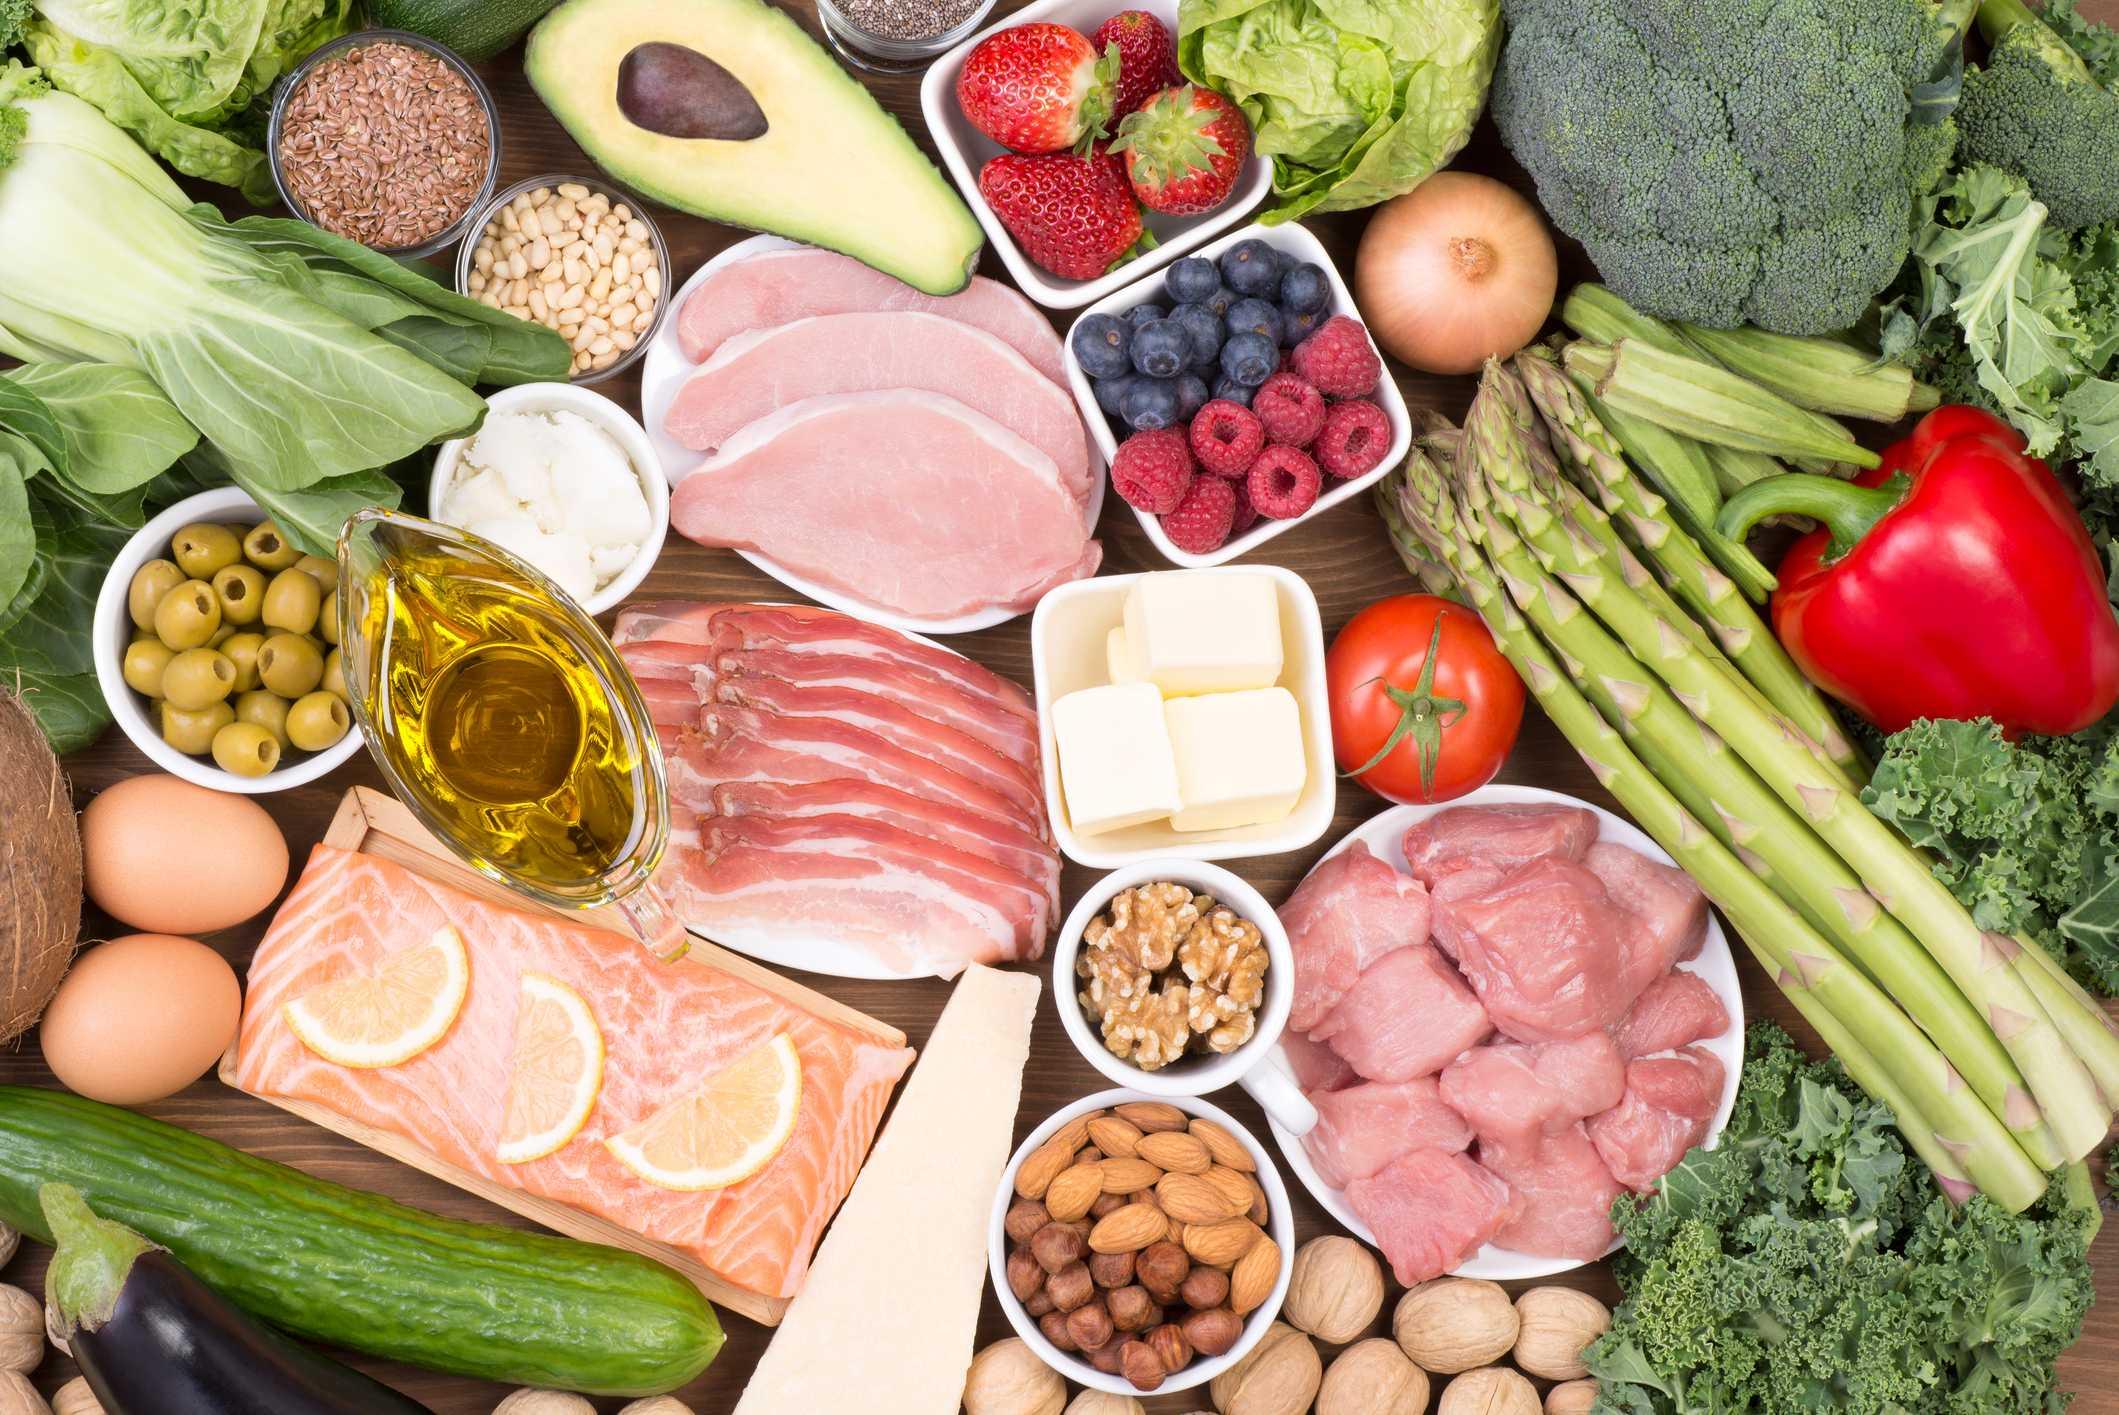 برنامه رژیم غذایی برای افراد دیابتی